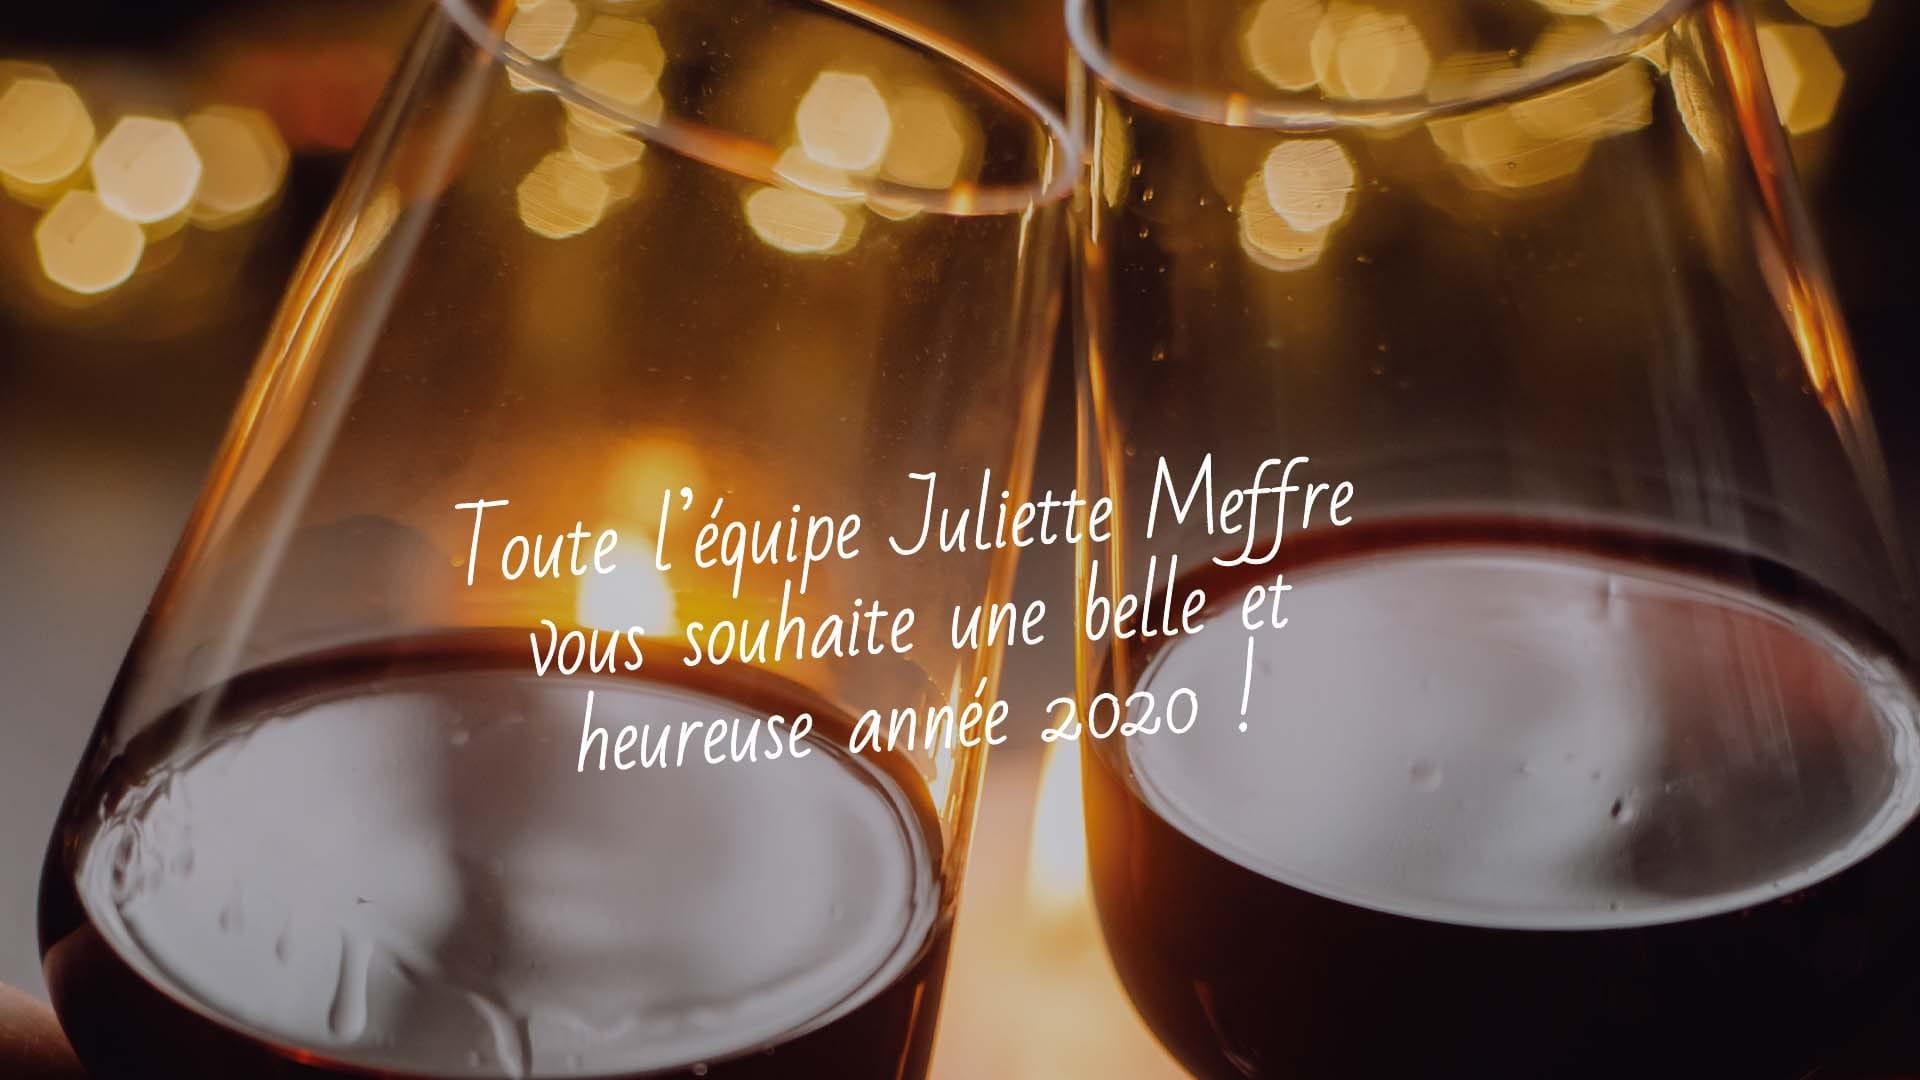 Juliette_Meffre_joyeuse_annee_2020-min